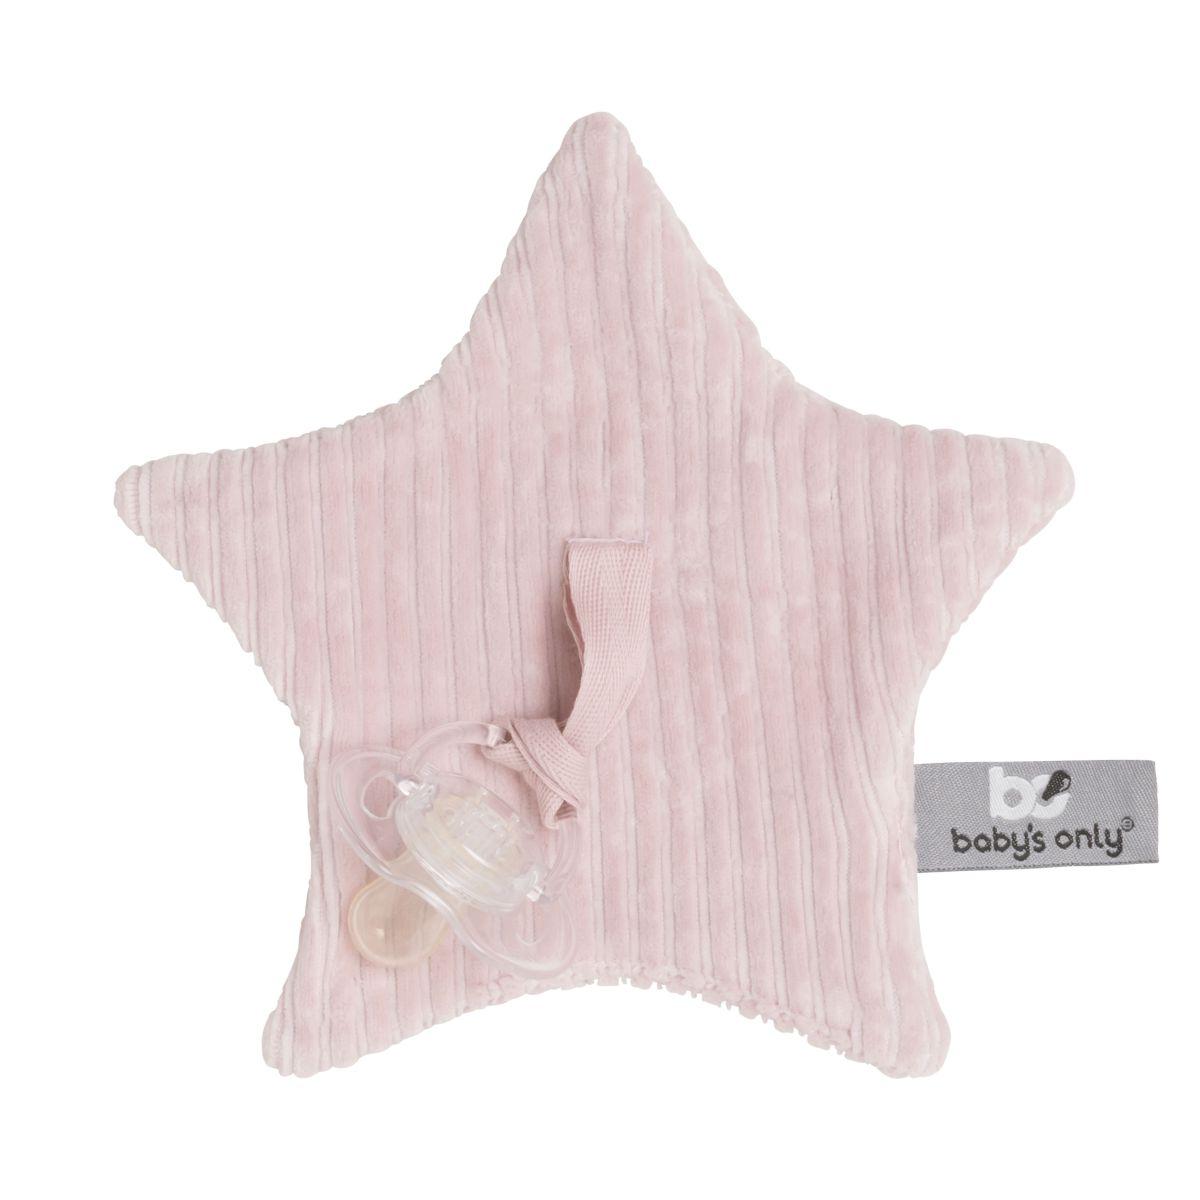 babys only 0242807 speendoekje sense oud roze